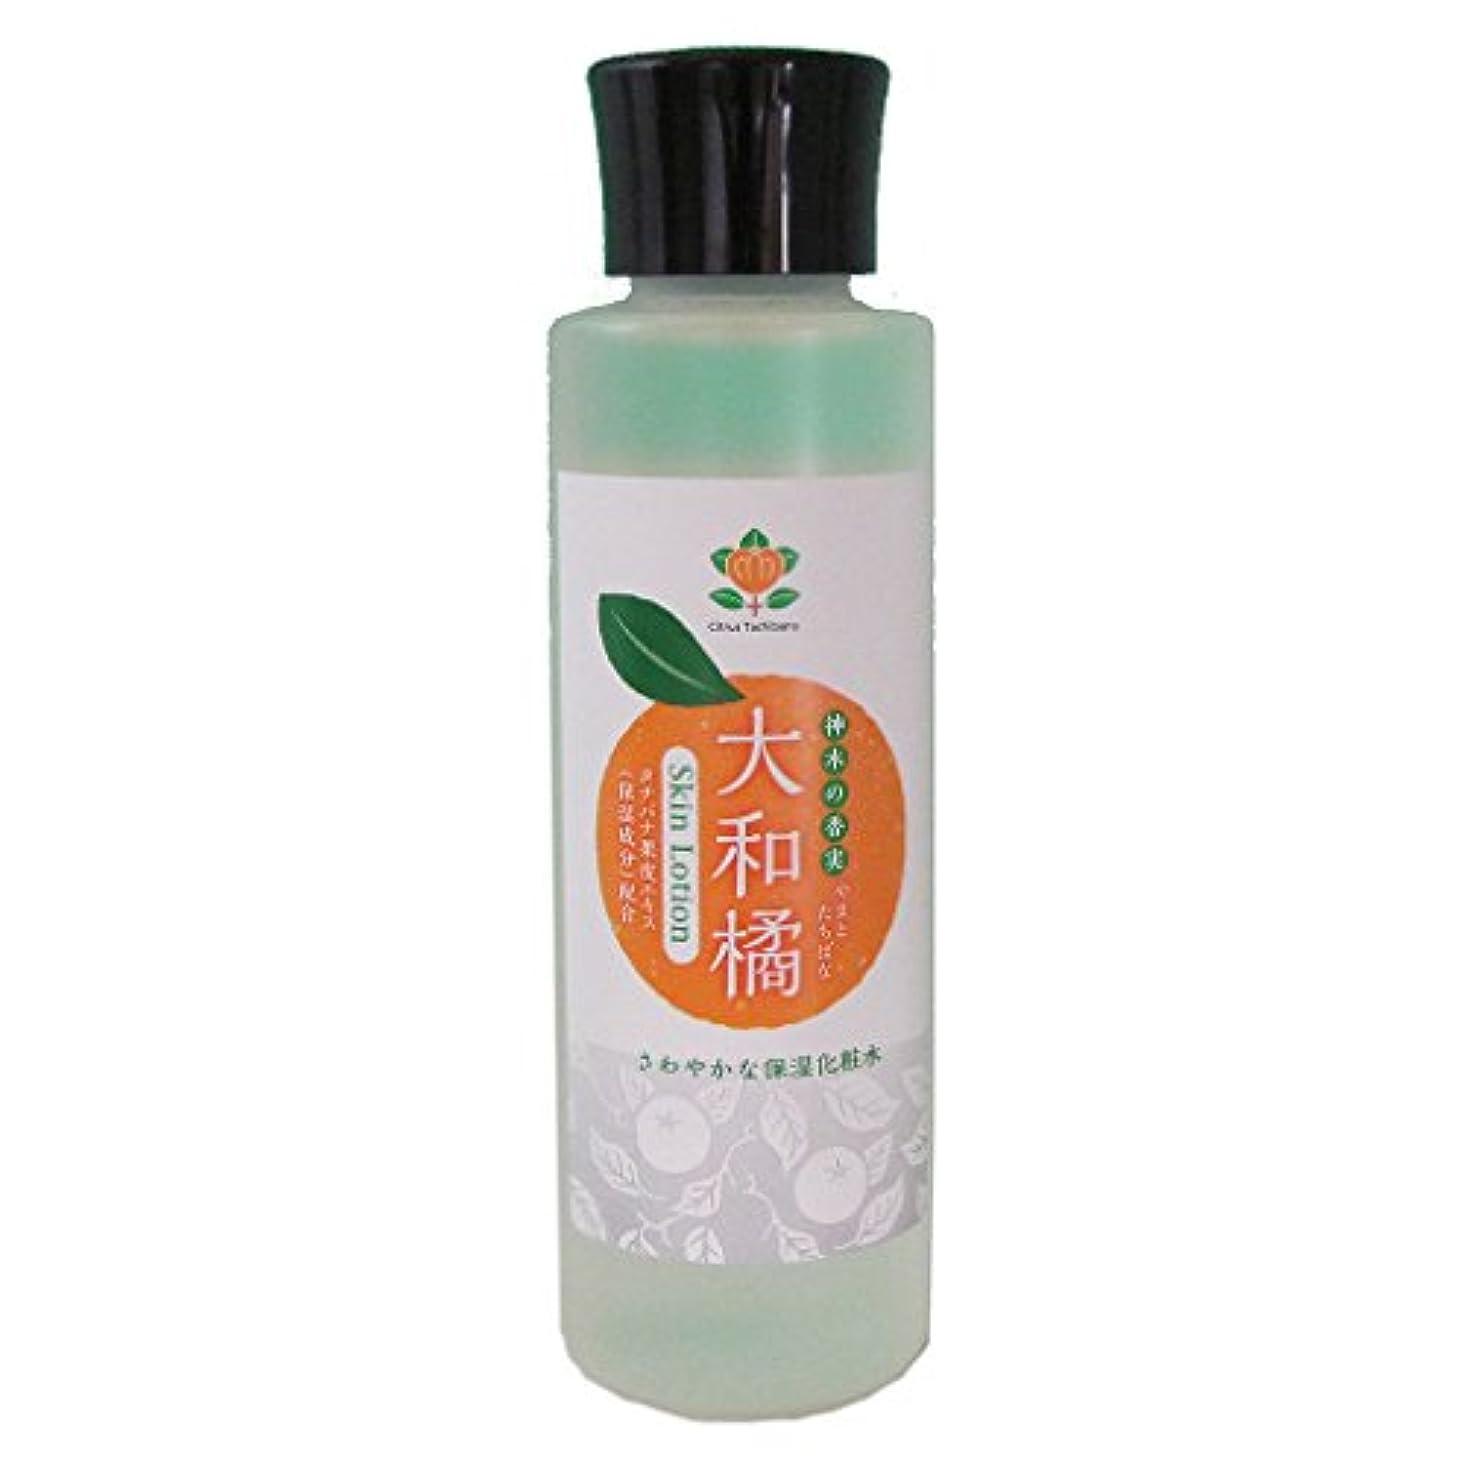 異なる賞賛する蒸し器神木の果実 大和橘さわやか保湿化粧水 150ml